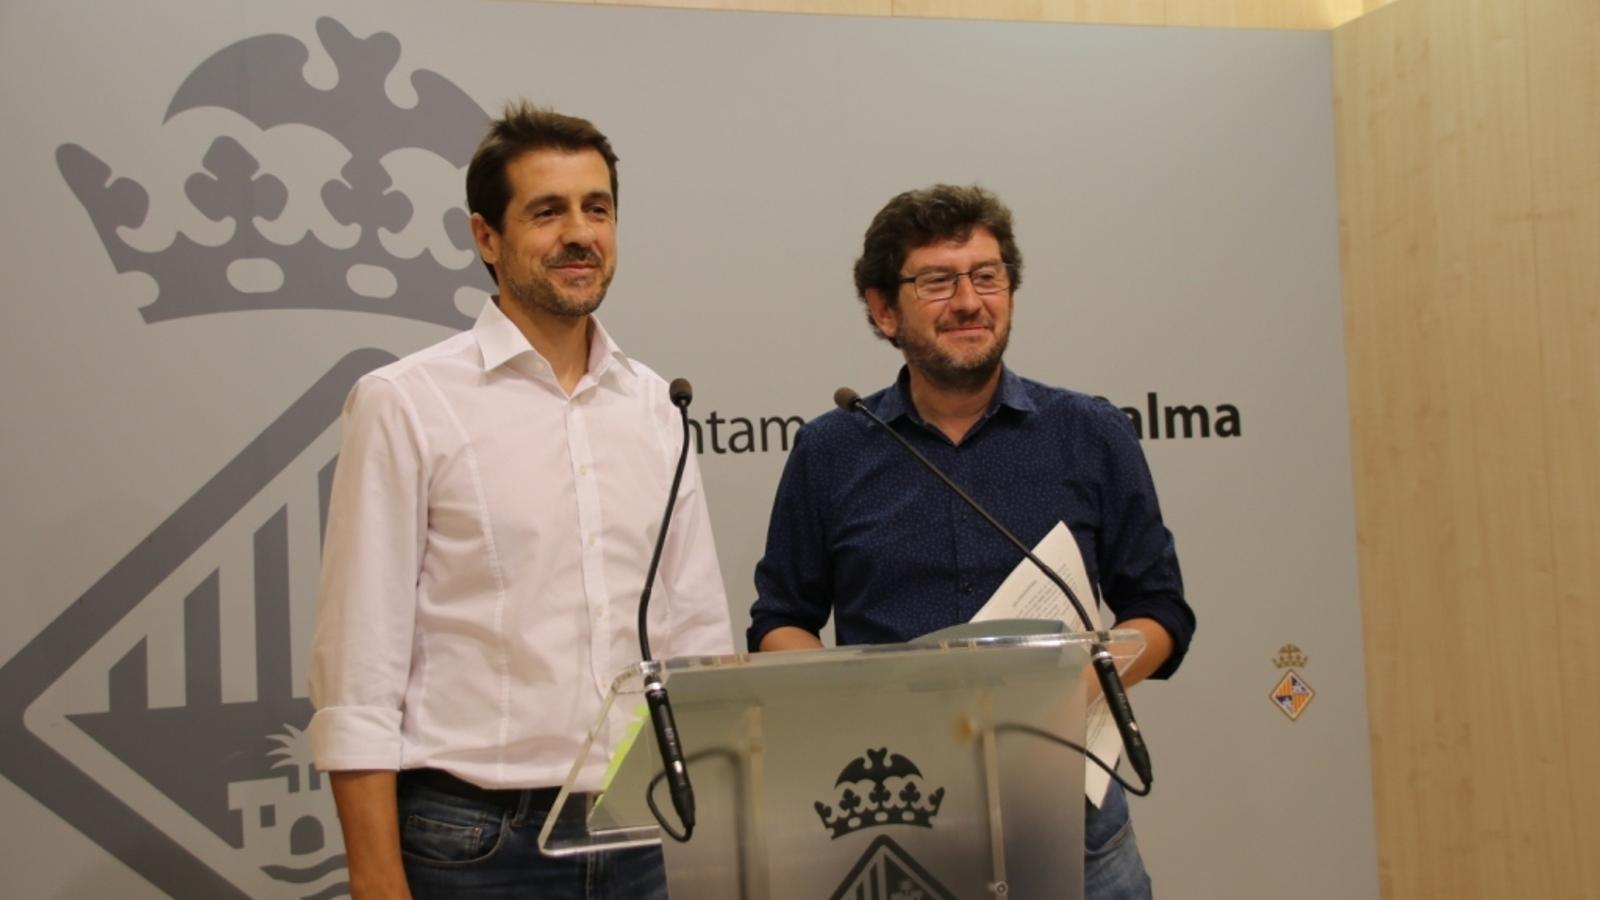 Cort destinarà uns 500.000 euros més al salari anual de la junta de govern